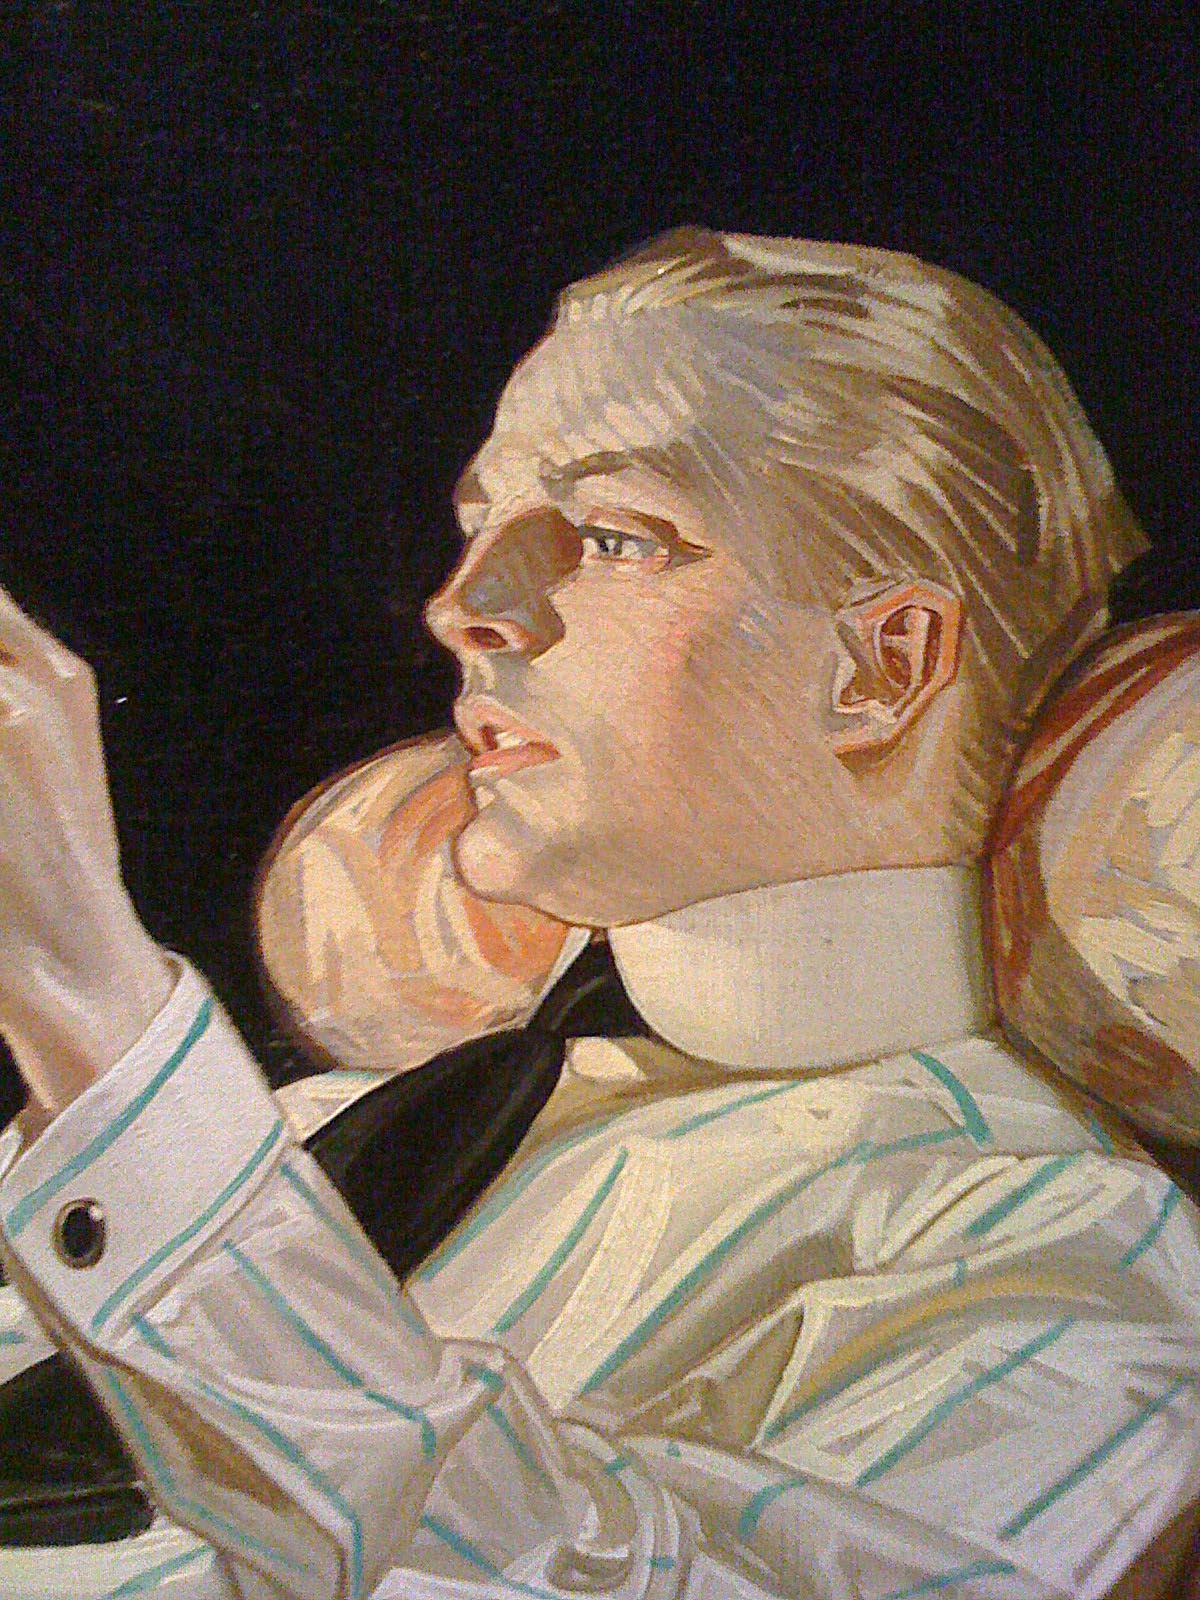 Leyendecker handsome man